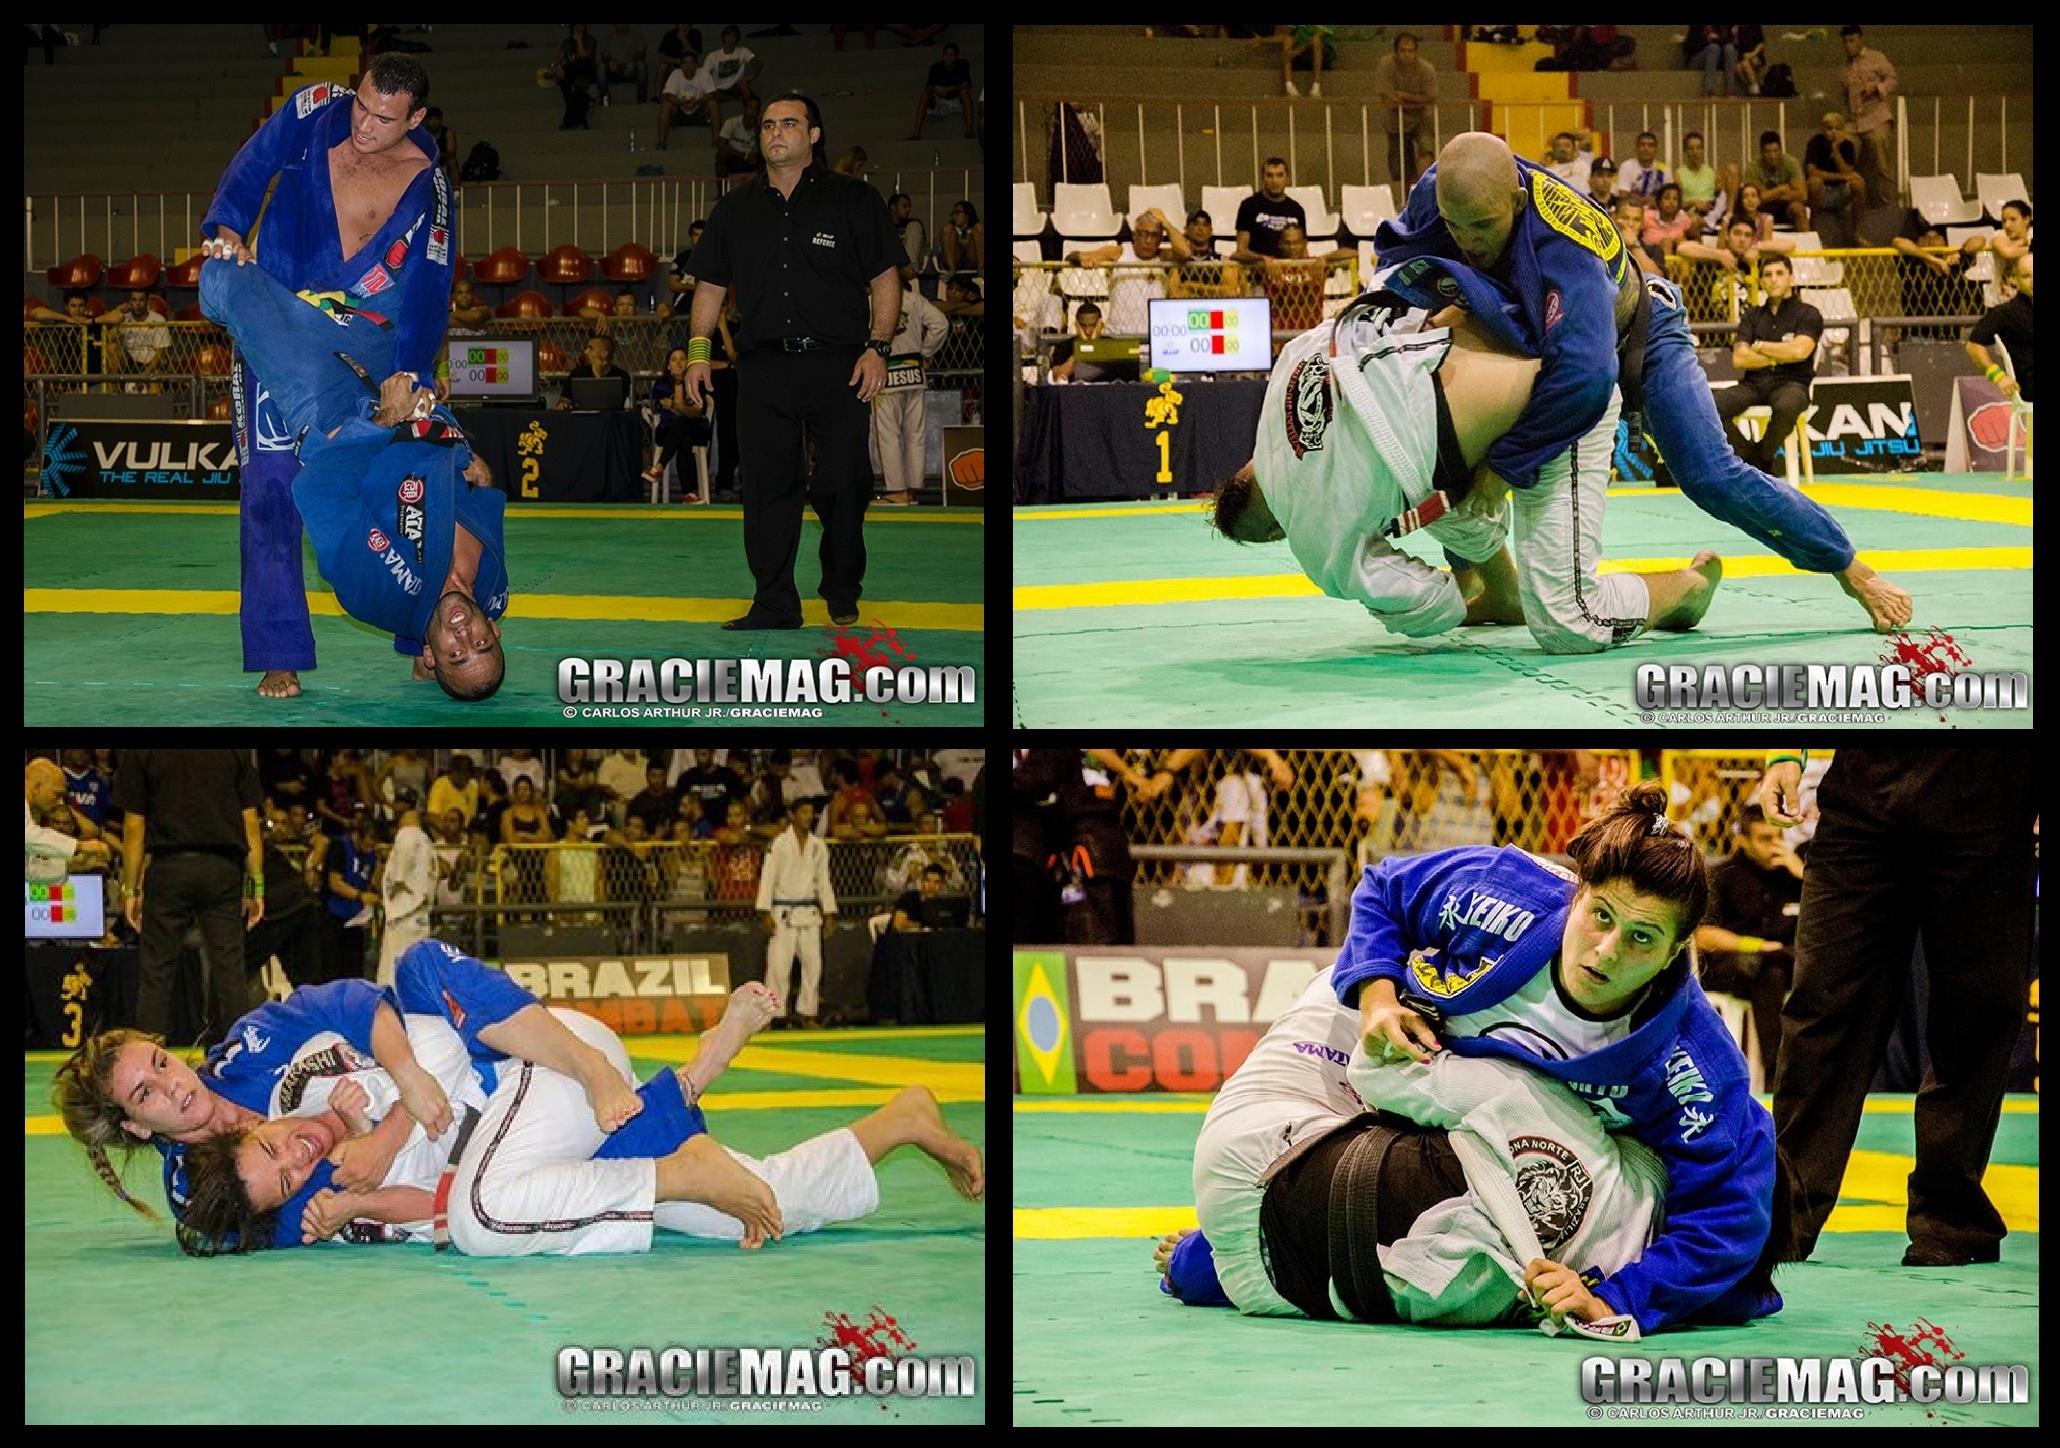 Os quatro finalistas do absoluto em ação nas semifinais. Fotos: Carlos Arthur Jr./GRACIEMAG